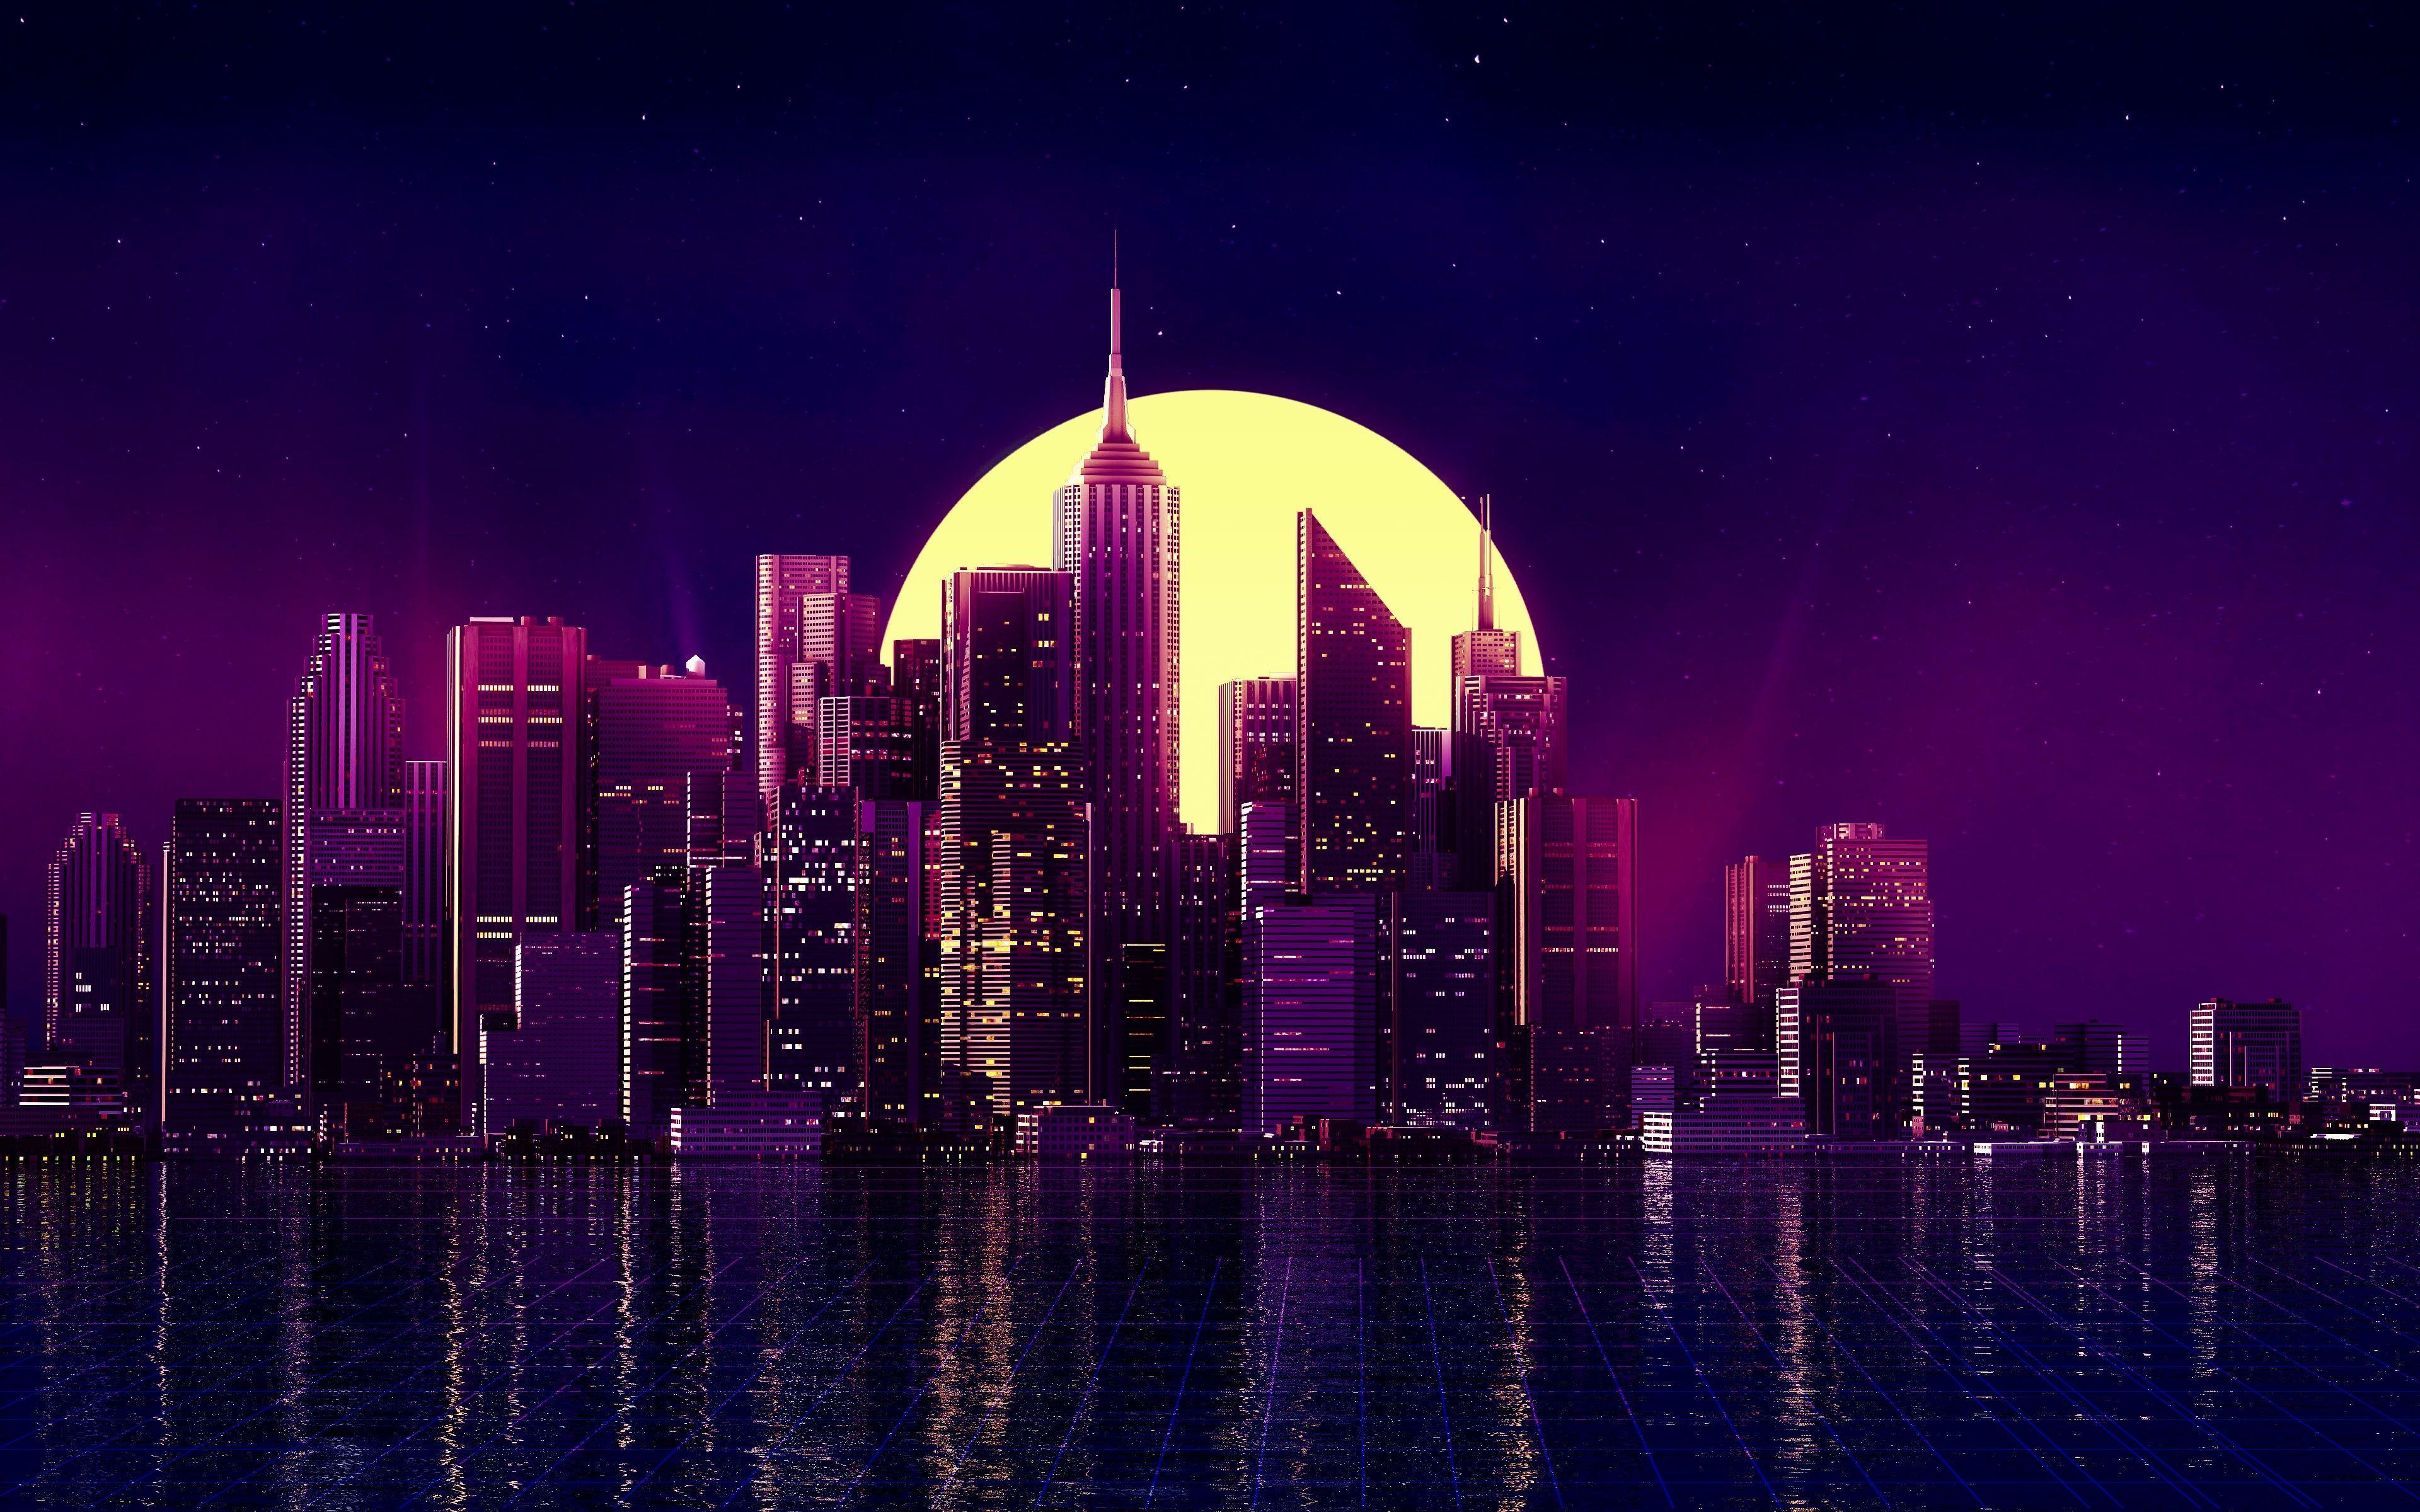 3840x2400 Tòa nhà Neon City Phản ánh Chủ nghĩa tối giản Skycrapper 4k 4k